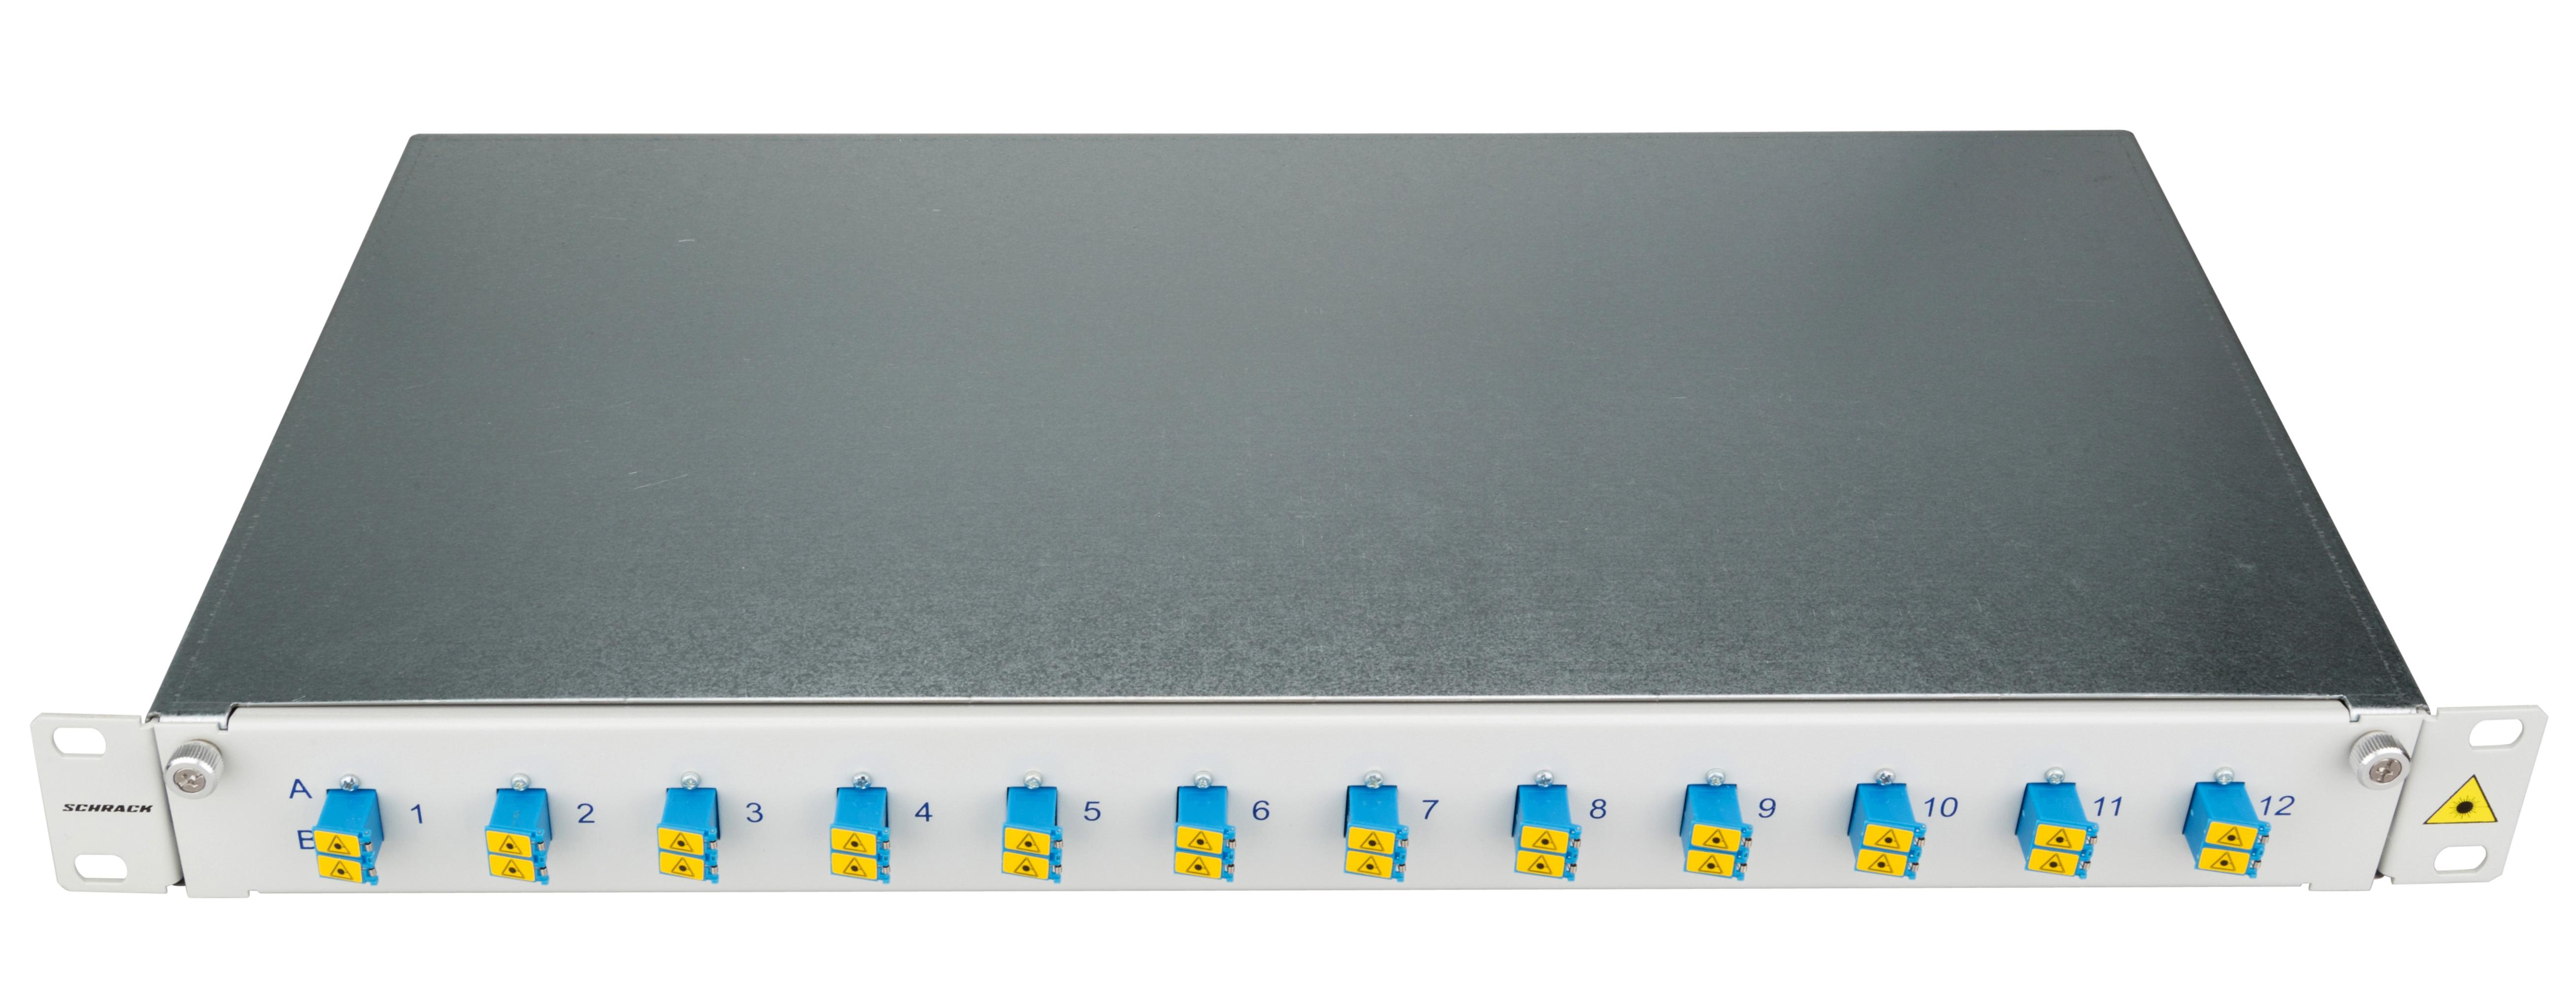 1 Stk LWL Patchpanel 19, 1 HE, ausziehbar, für 8 Fasern, LC, SM HSELS08SLG